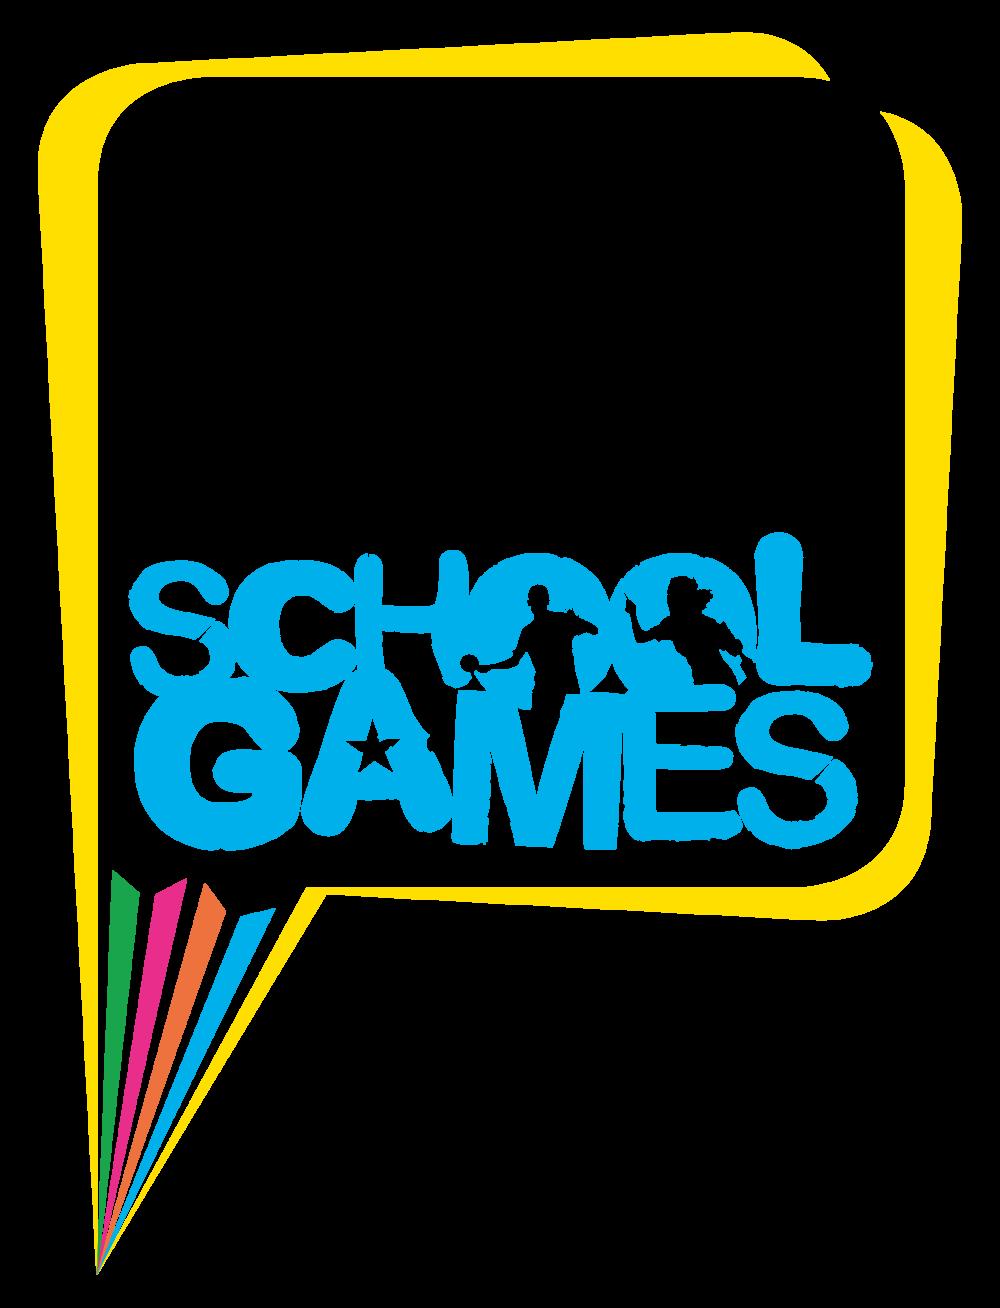 School Games image